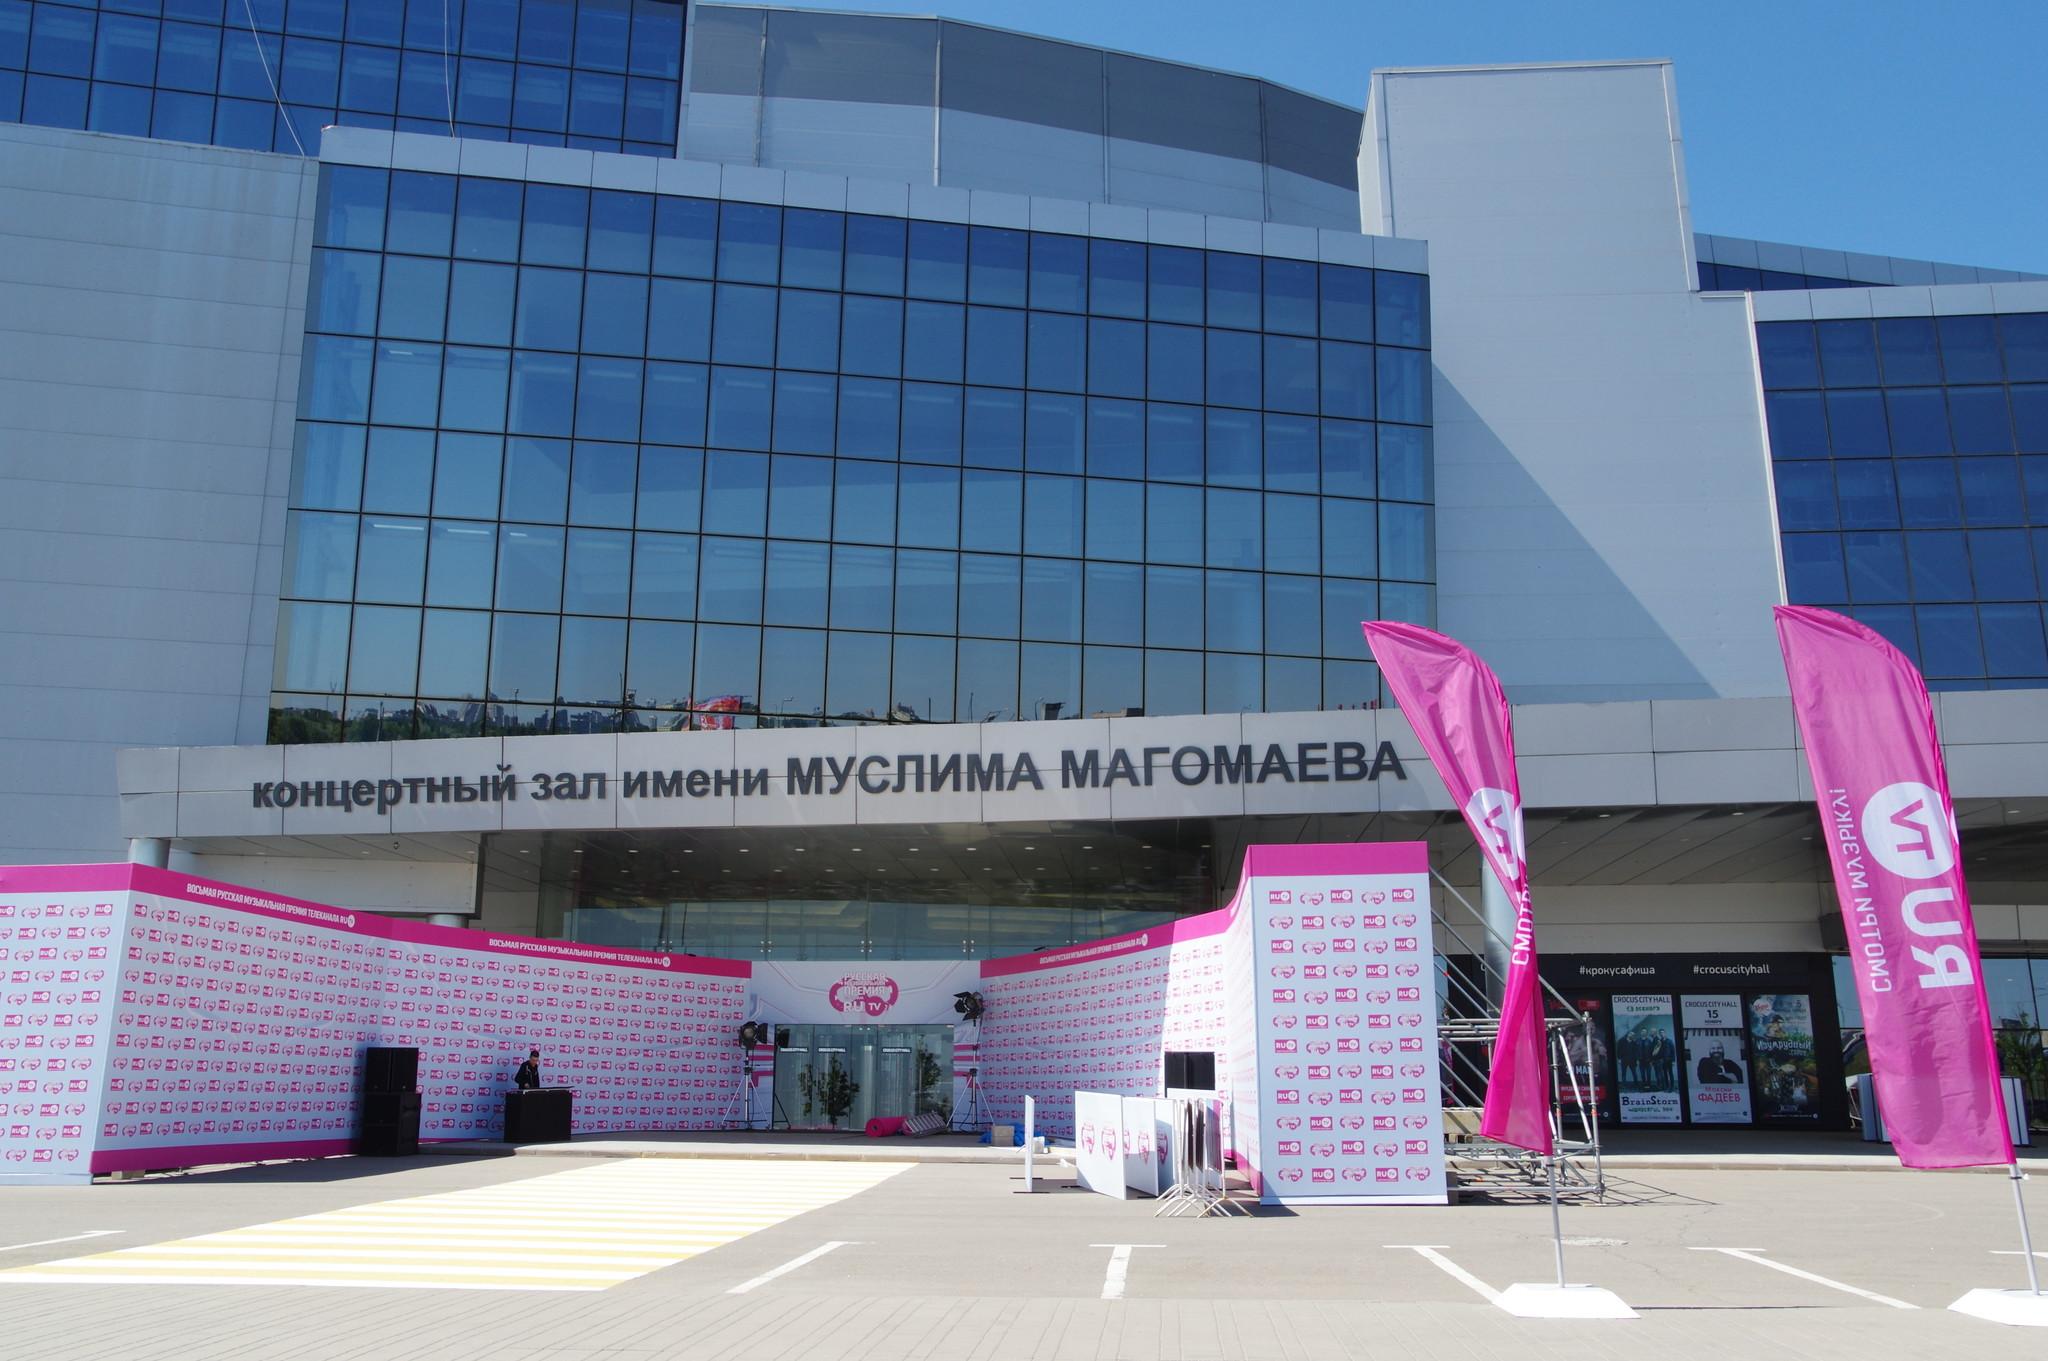 Концертный зал «Crocus City Hall» имени Муслима Магомаева